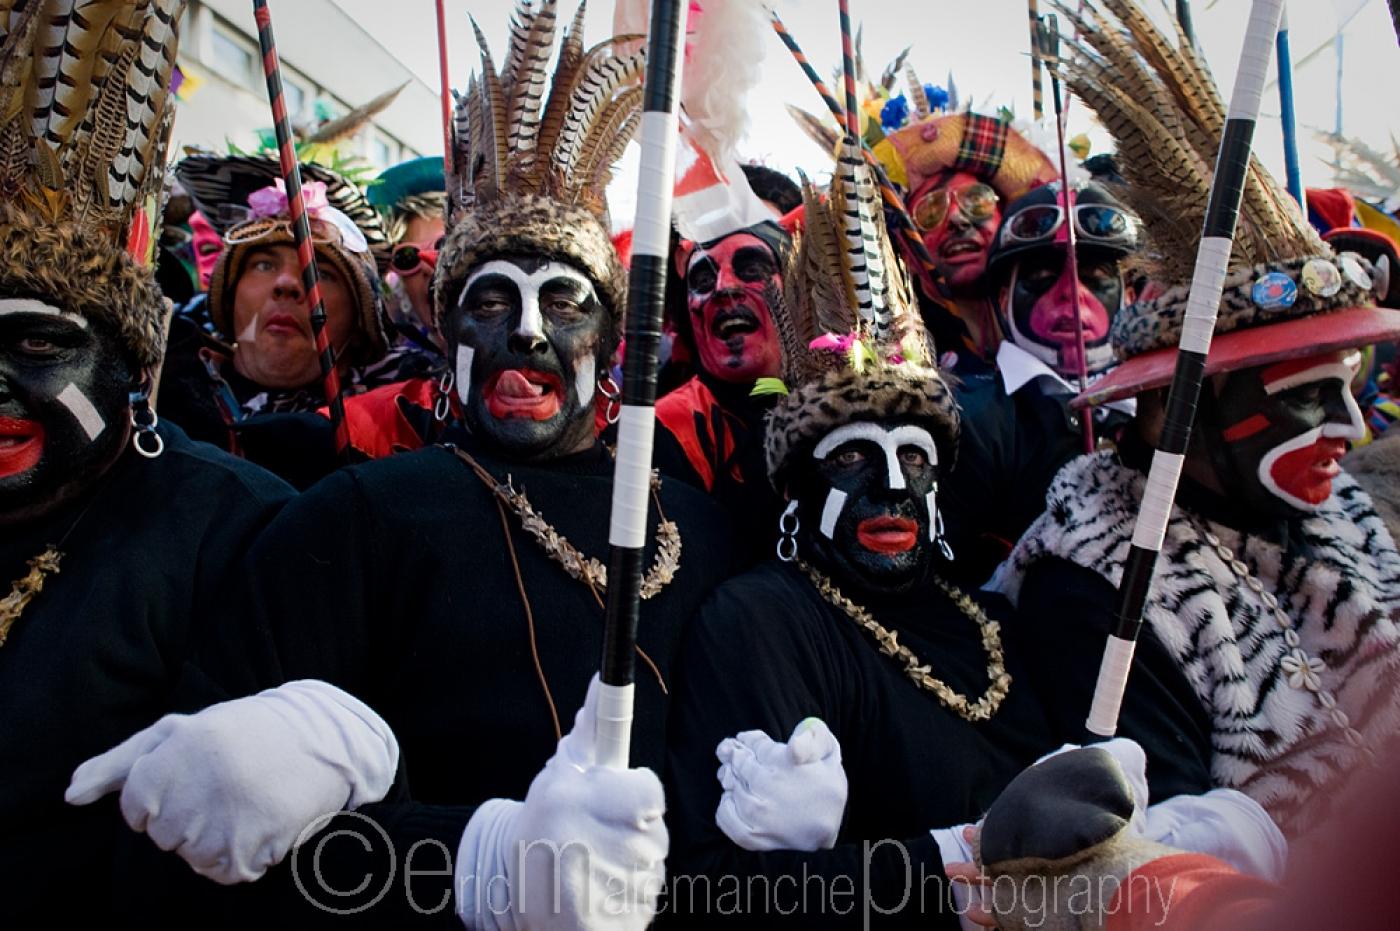 http://www.ericmalemanche.com/imagess/topics/carnaval-de-dunkerque/liste/Carnaval-Dunkerque-1434.jpg